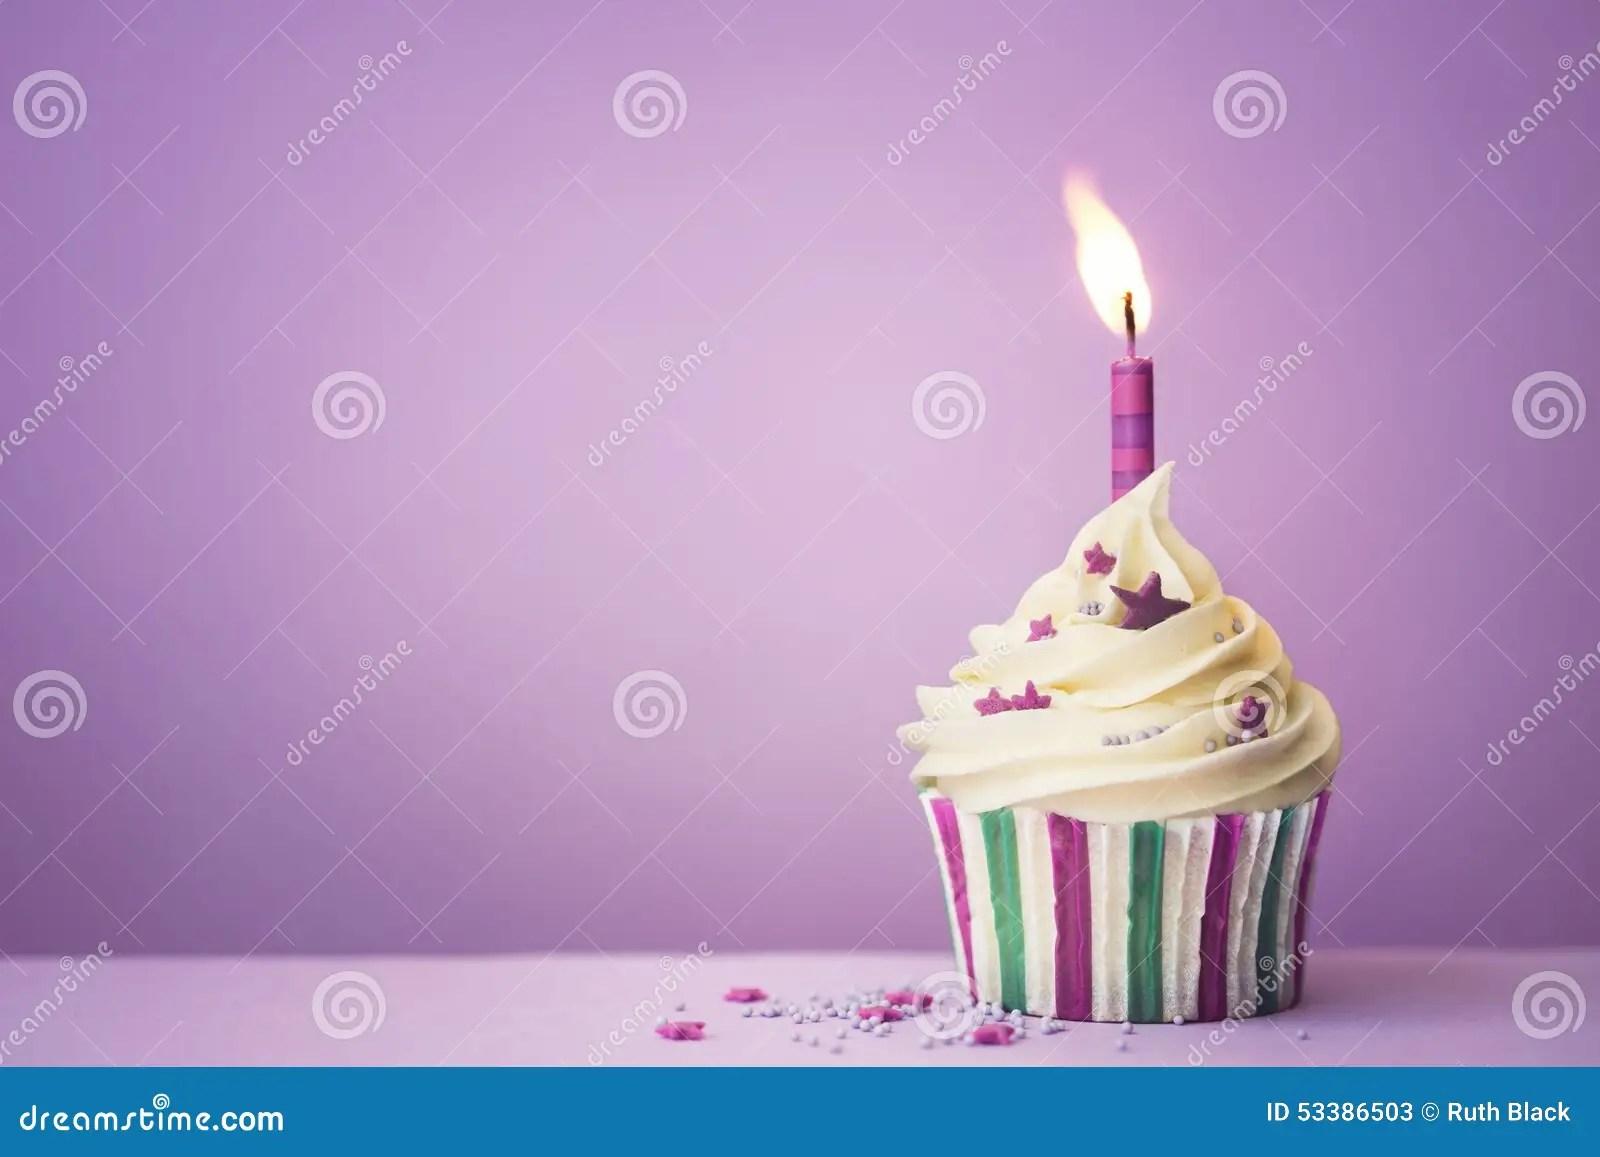 Purple Birthday Cupcake Stock Image Image Of Copy